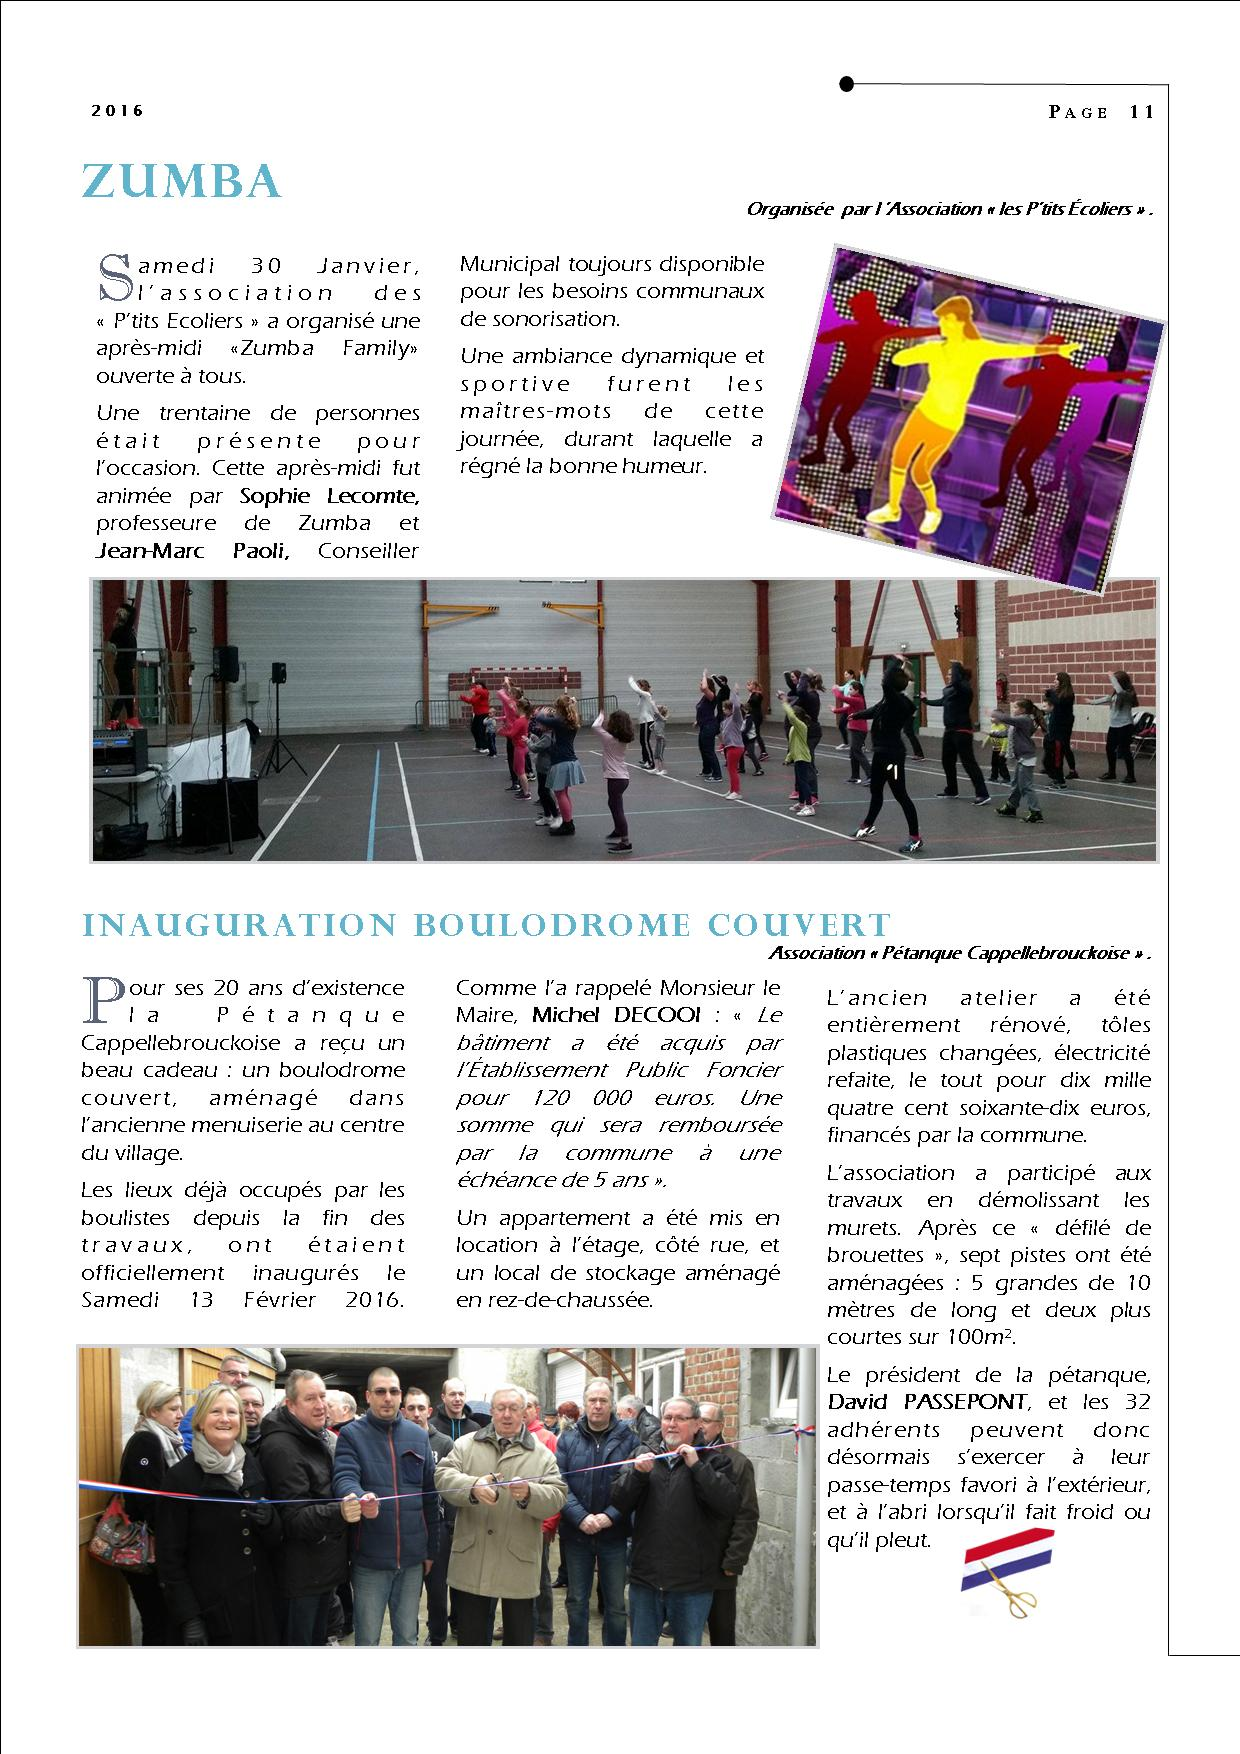 bulletin 69 p11